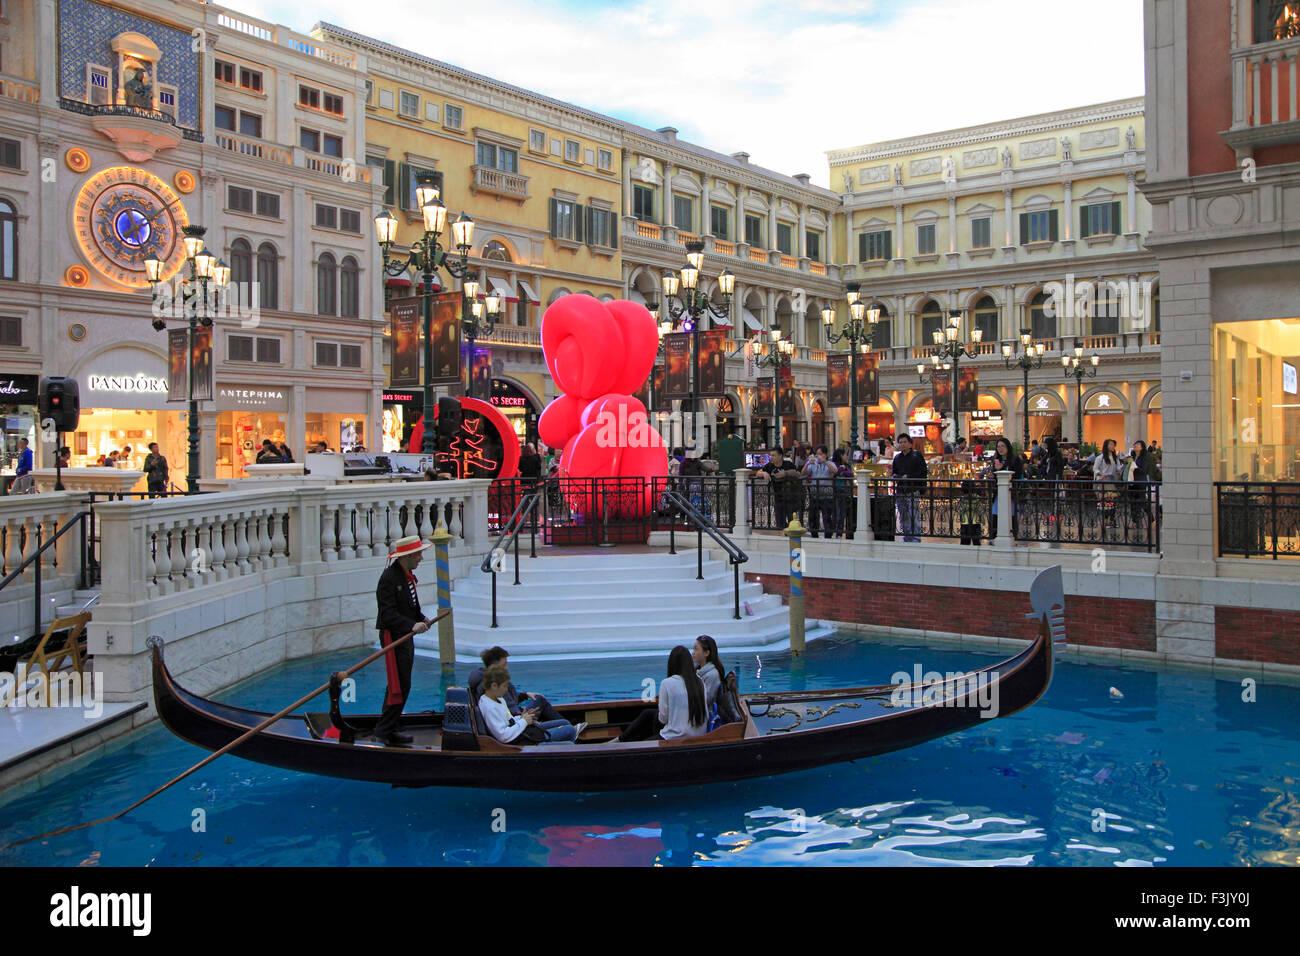 La Chine, Macao, Venetian, Resort, hôtel, casino, de l'intérieur, Photo Stock